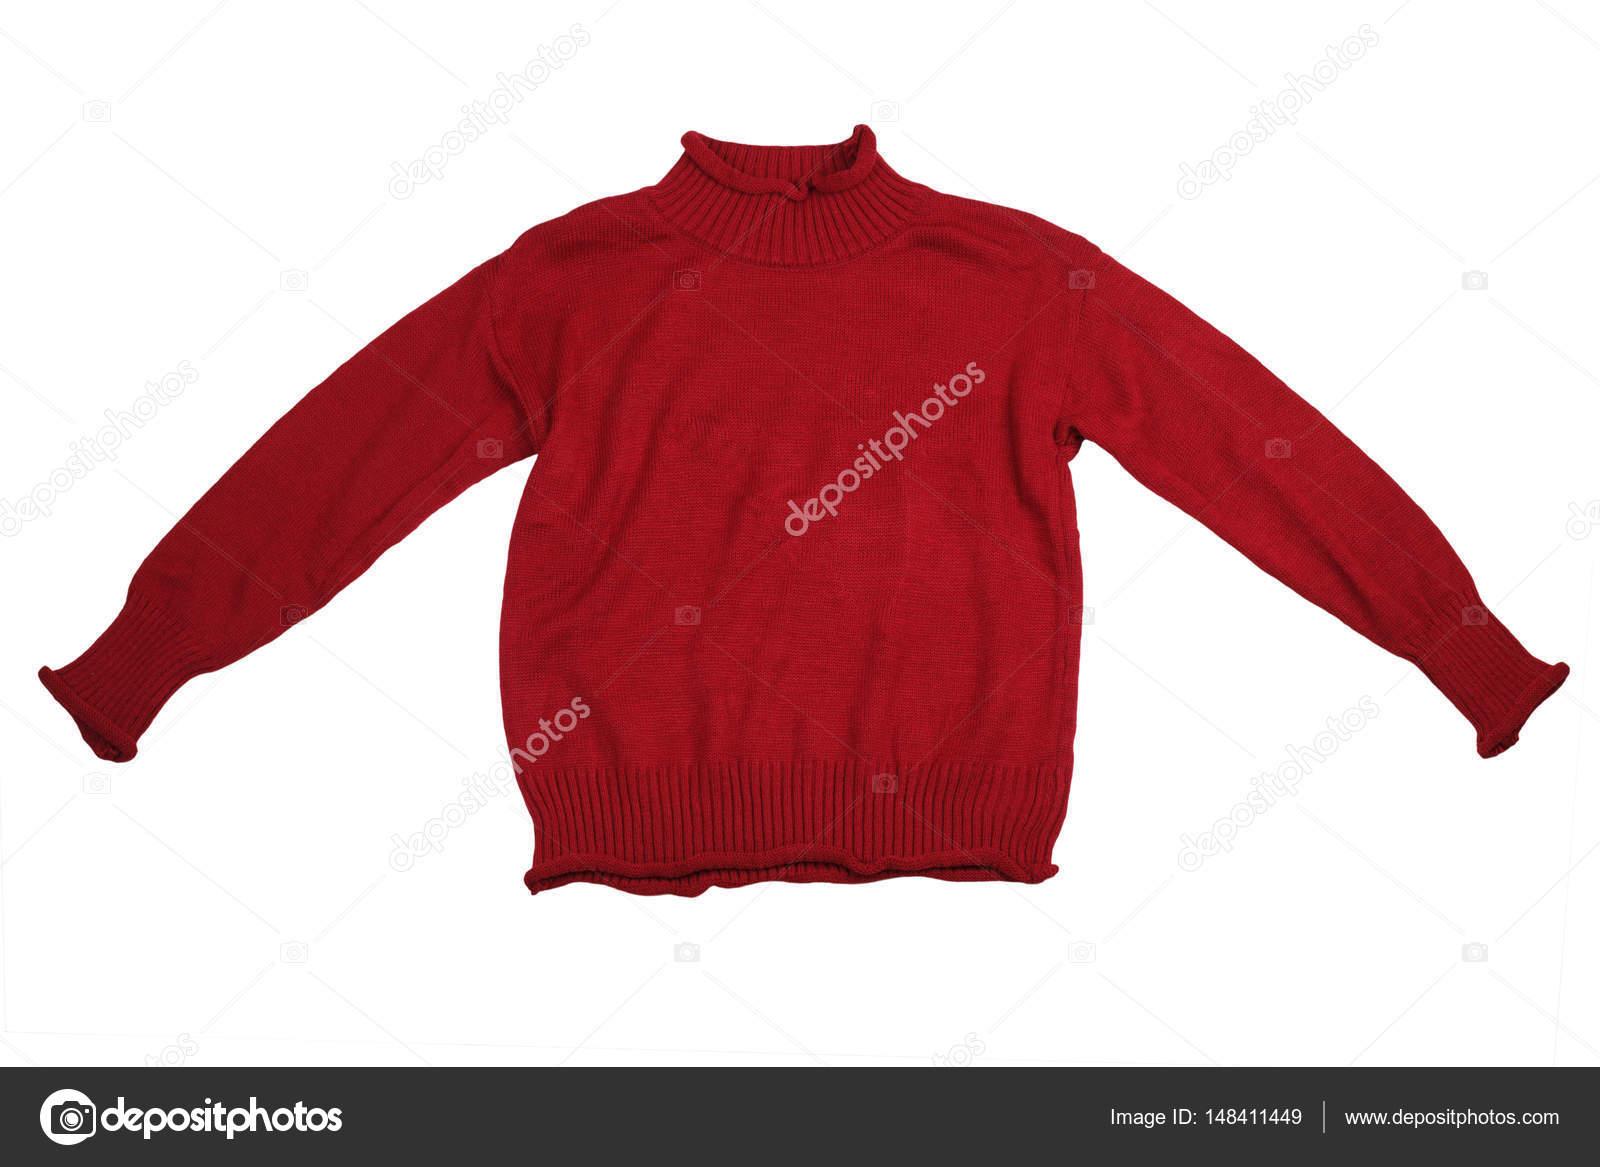 f9ce8c6cd Moda camisolas vermelhas roupas para temporada de inverno isoladas no branco  — Fotografia de Stock